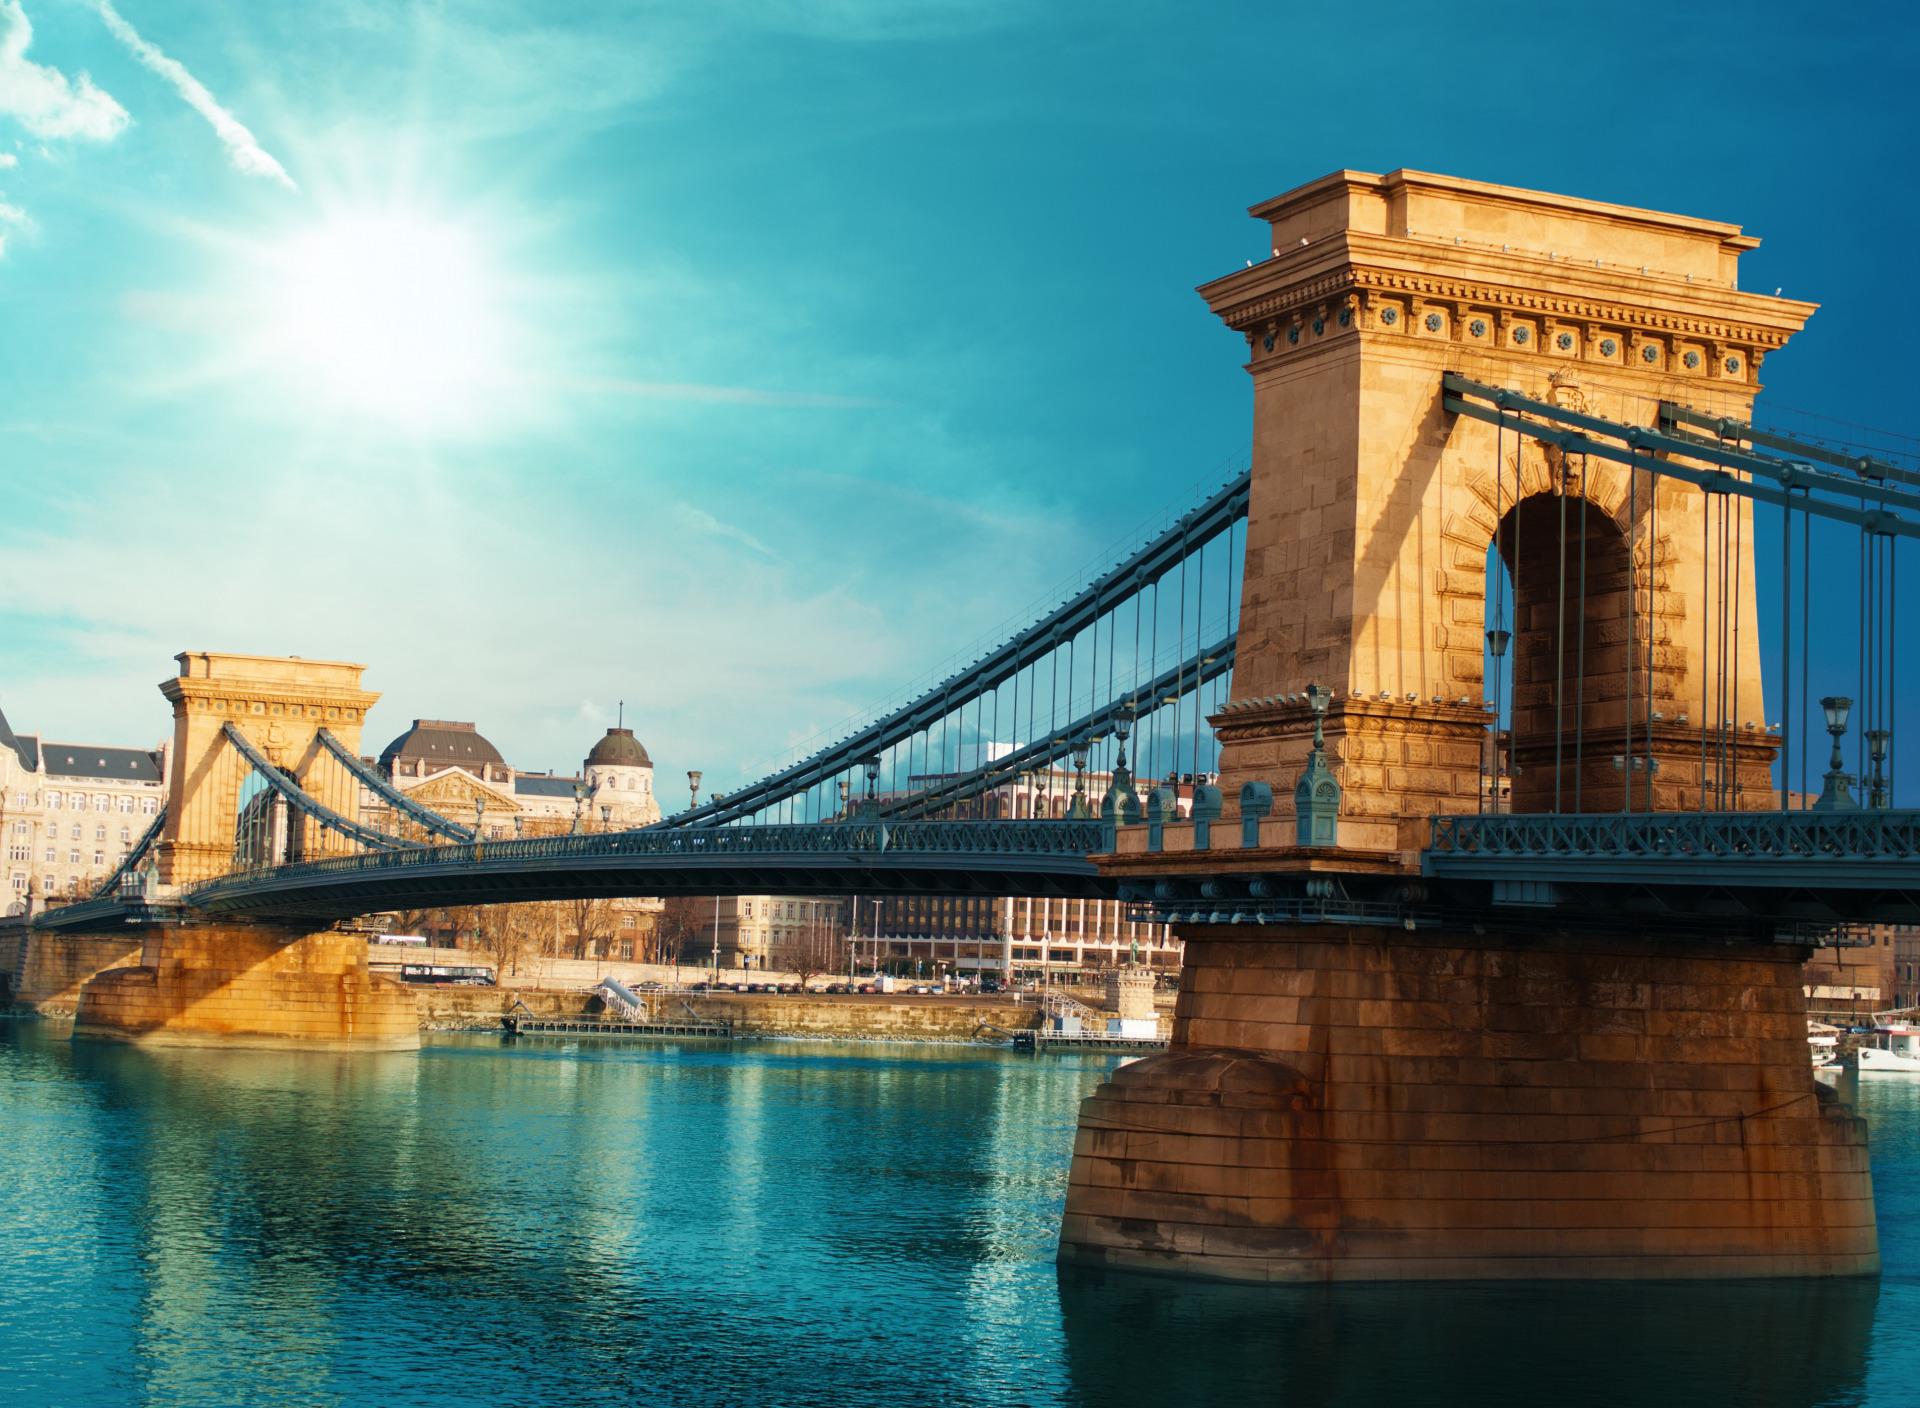 самые красивые мосты мира в картинках мужа был